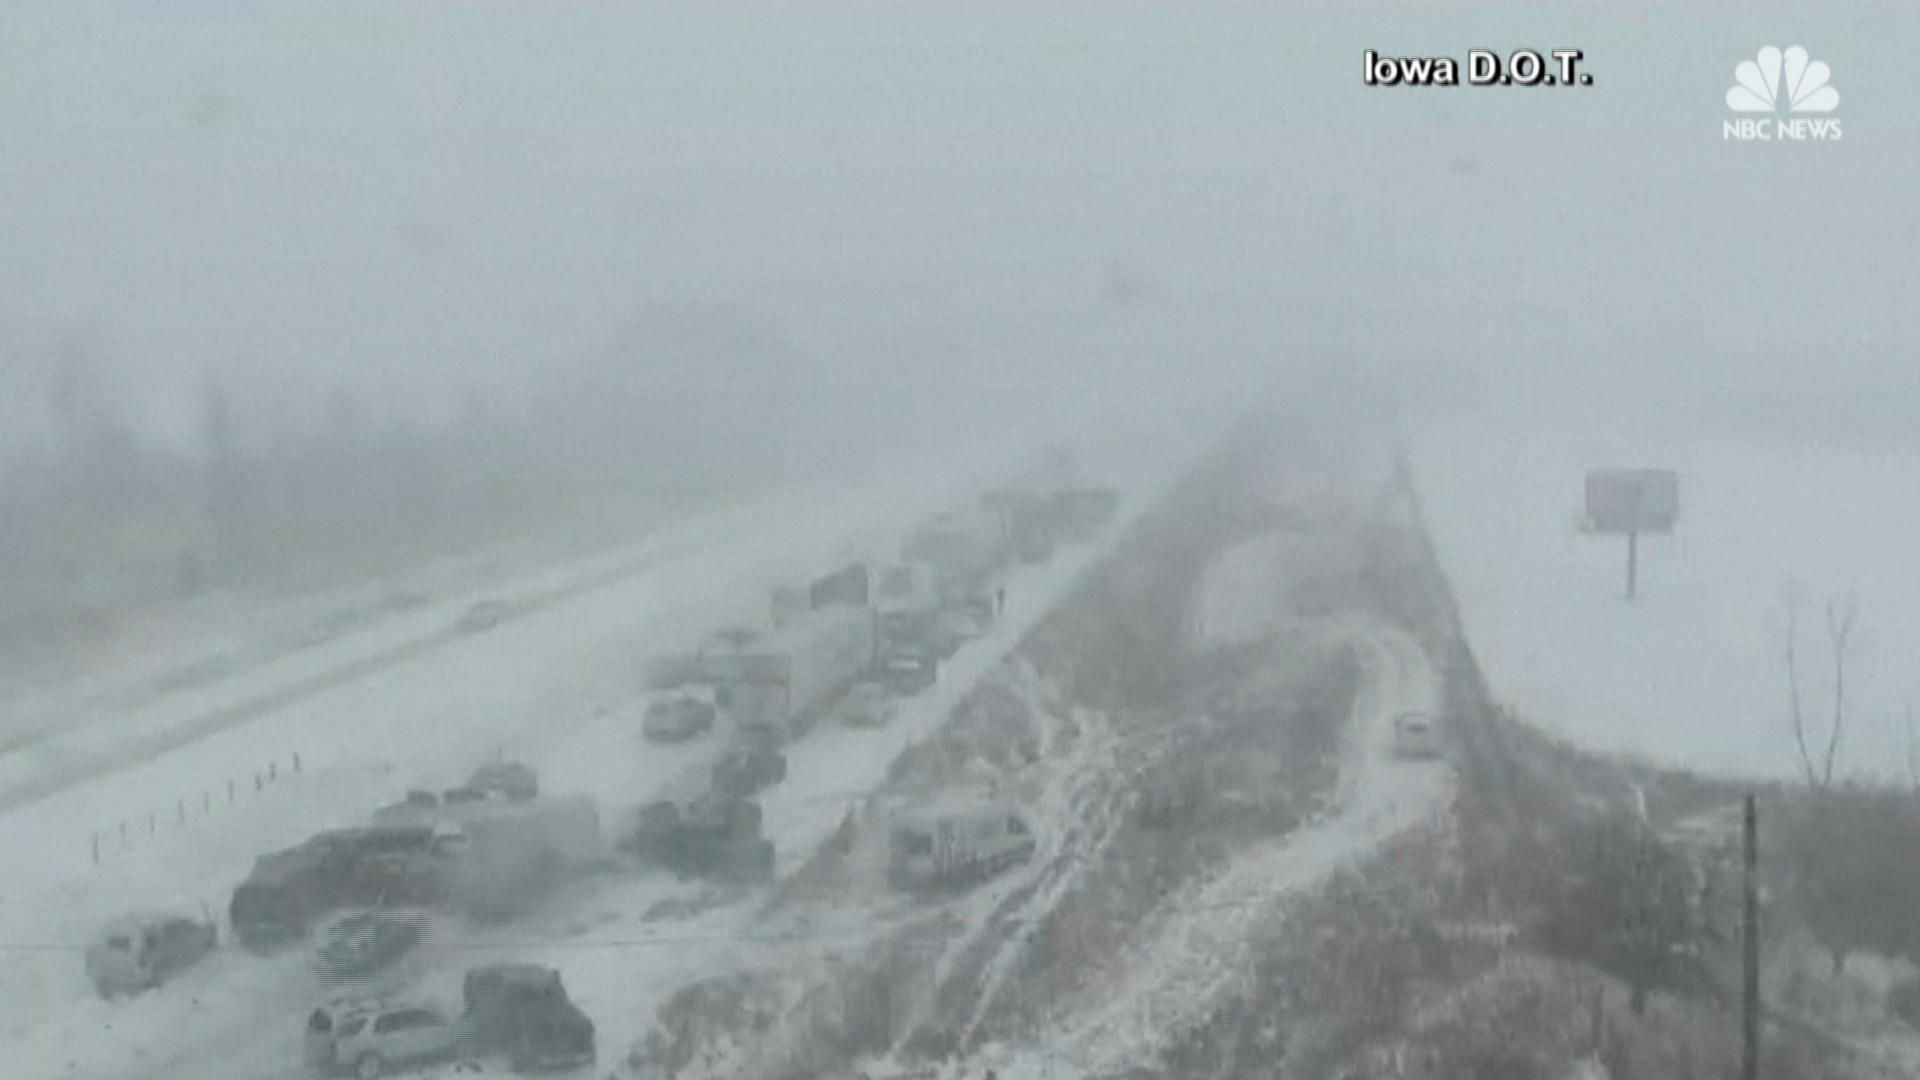 Iowa snowstorm causes massive pileup - NBC News